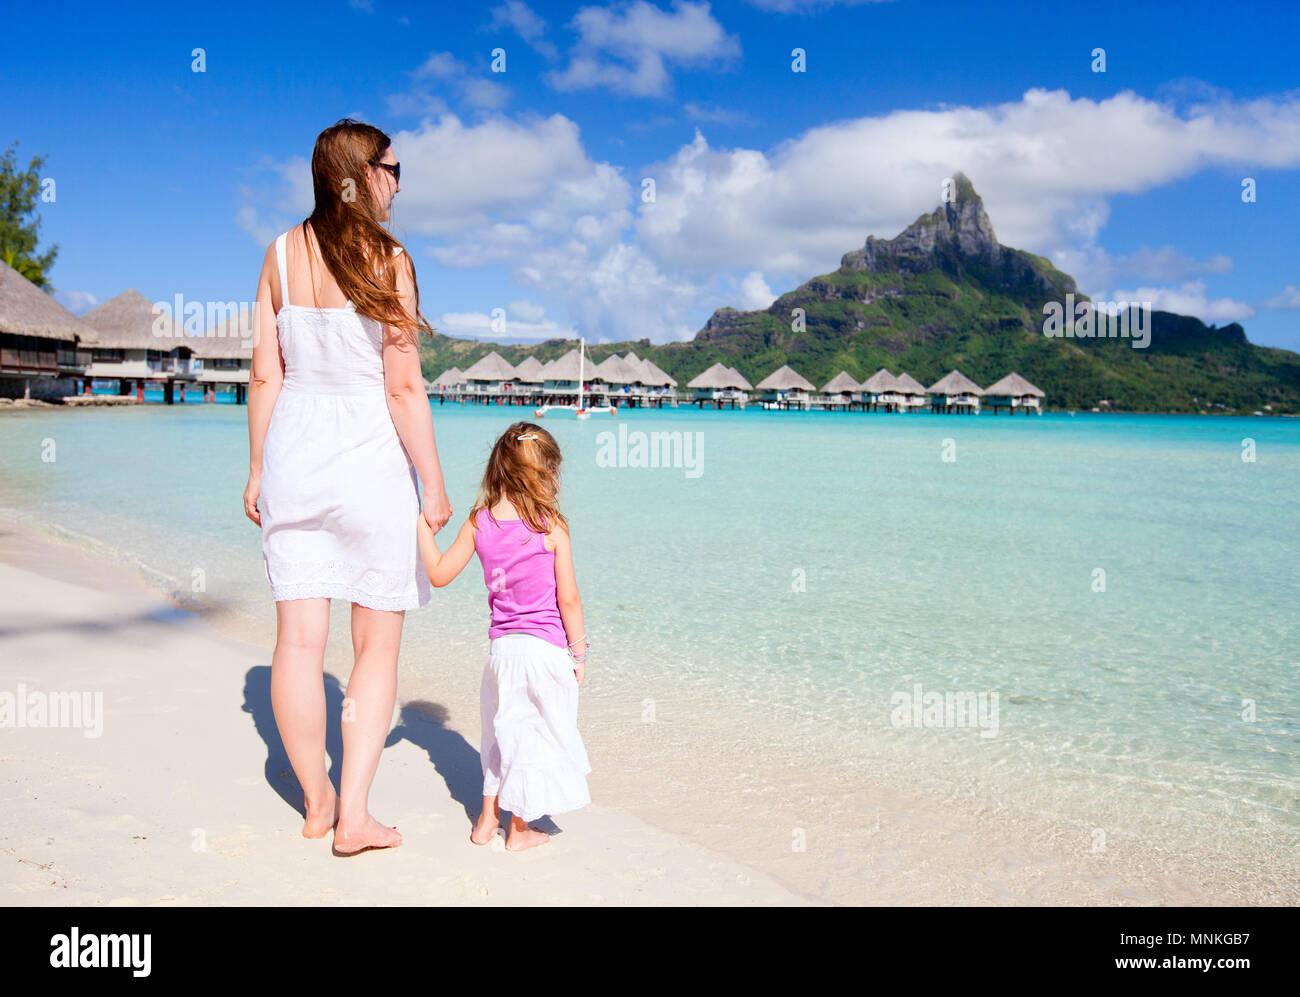 Madre e hija en tropical playa disfrutando de vistas del Monte Otemanu Imagen De Stock